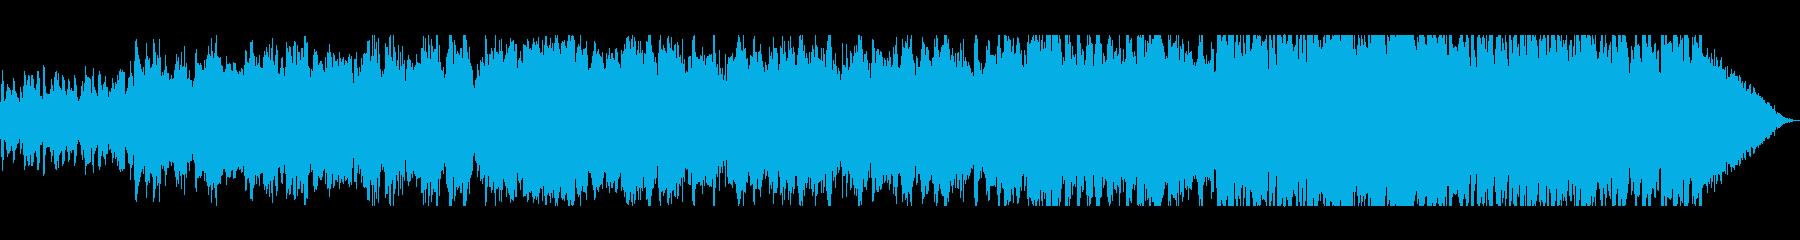 ビオラによる疾走感のあるプレリュードの再生済みの波形